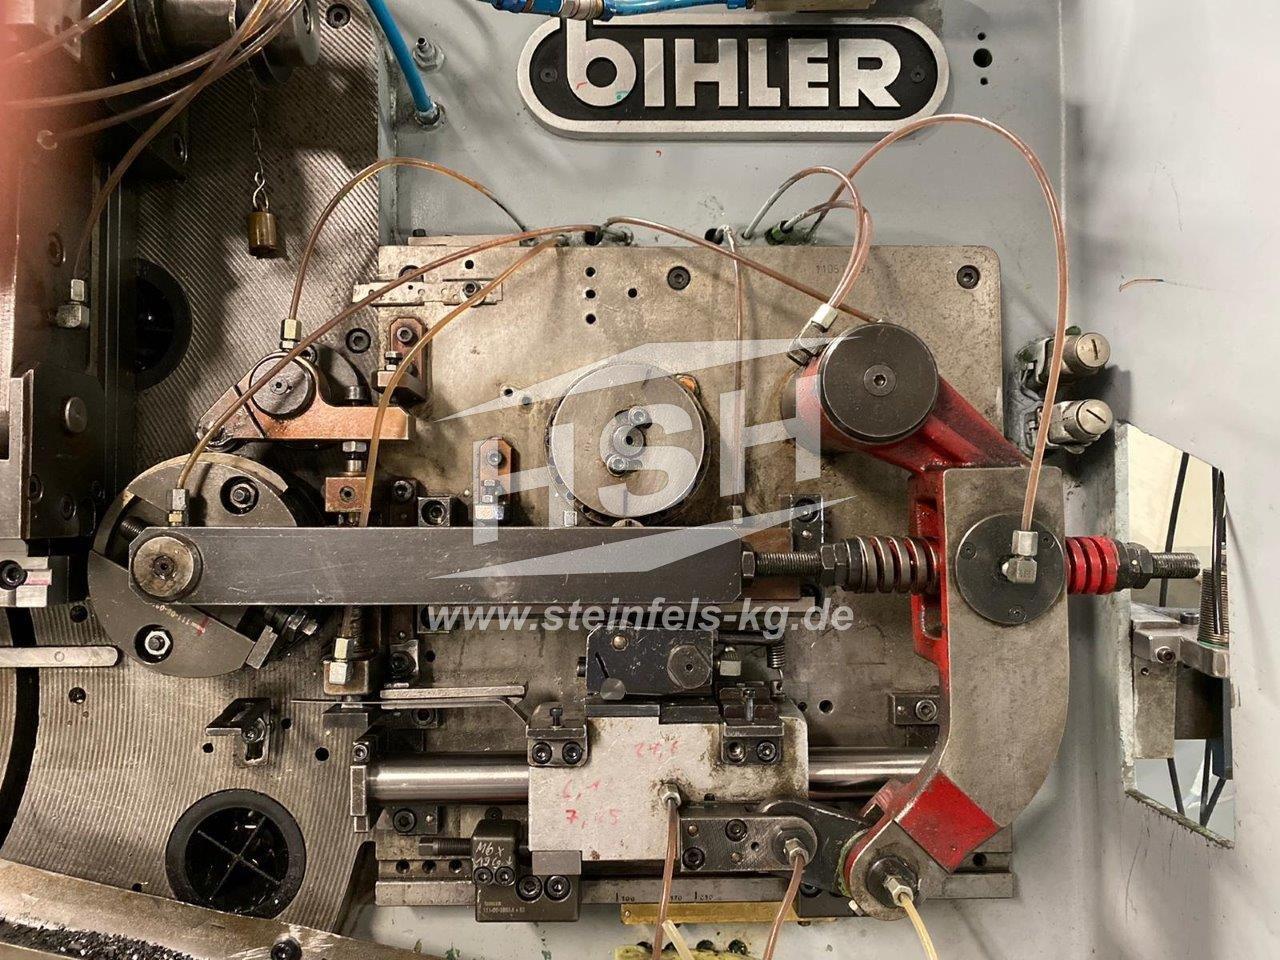 D06L/7847 – BIHLER – RM35 – 1977 – 0,5-3,5 mm